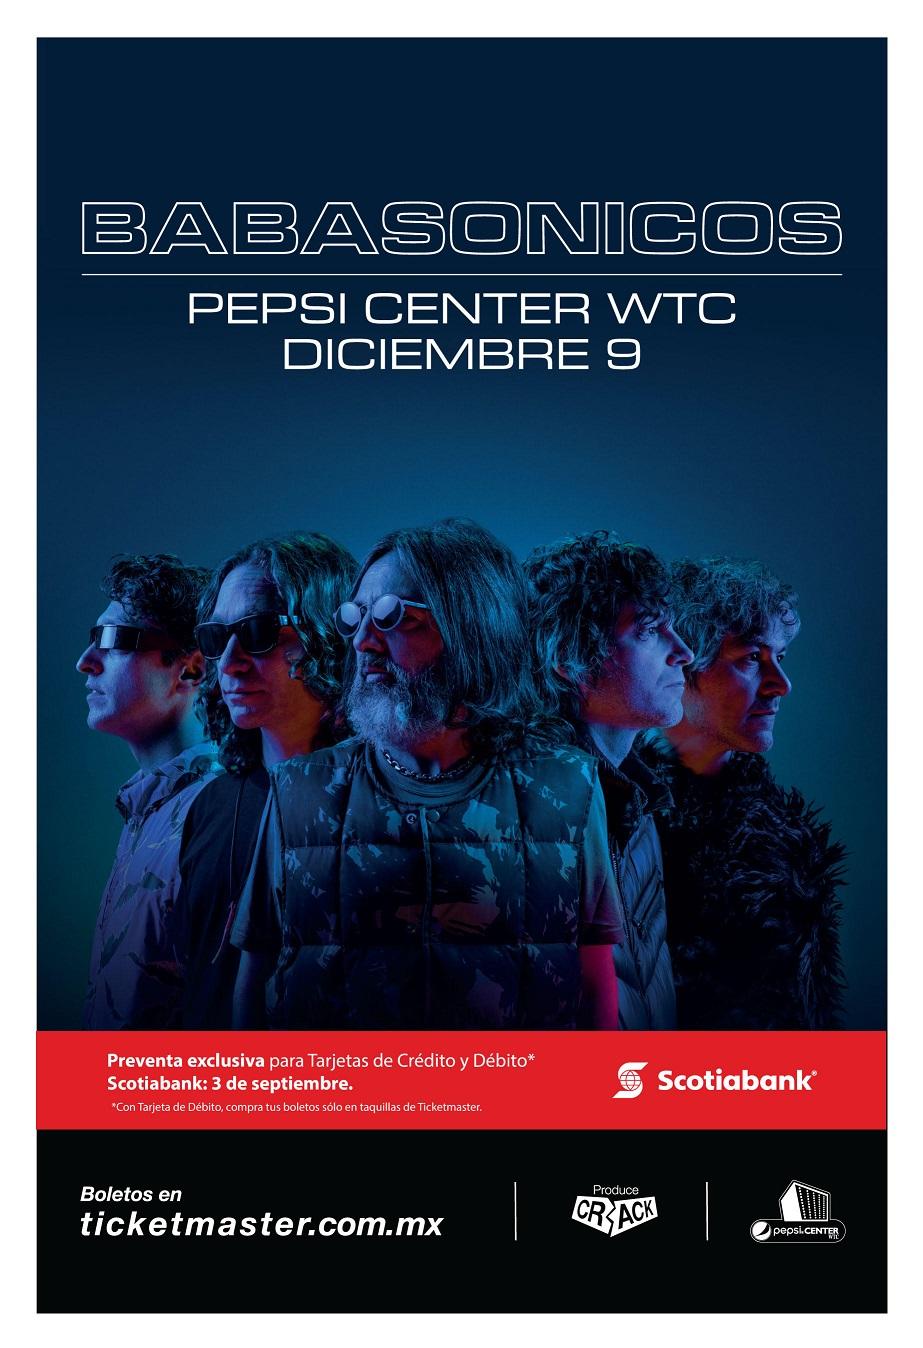 Babasónicos regresará a México para dar un concierto en el Pepsi Center